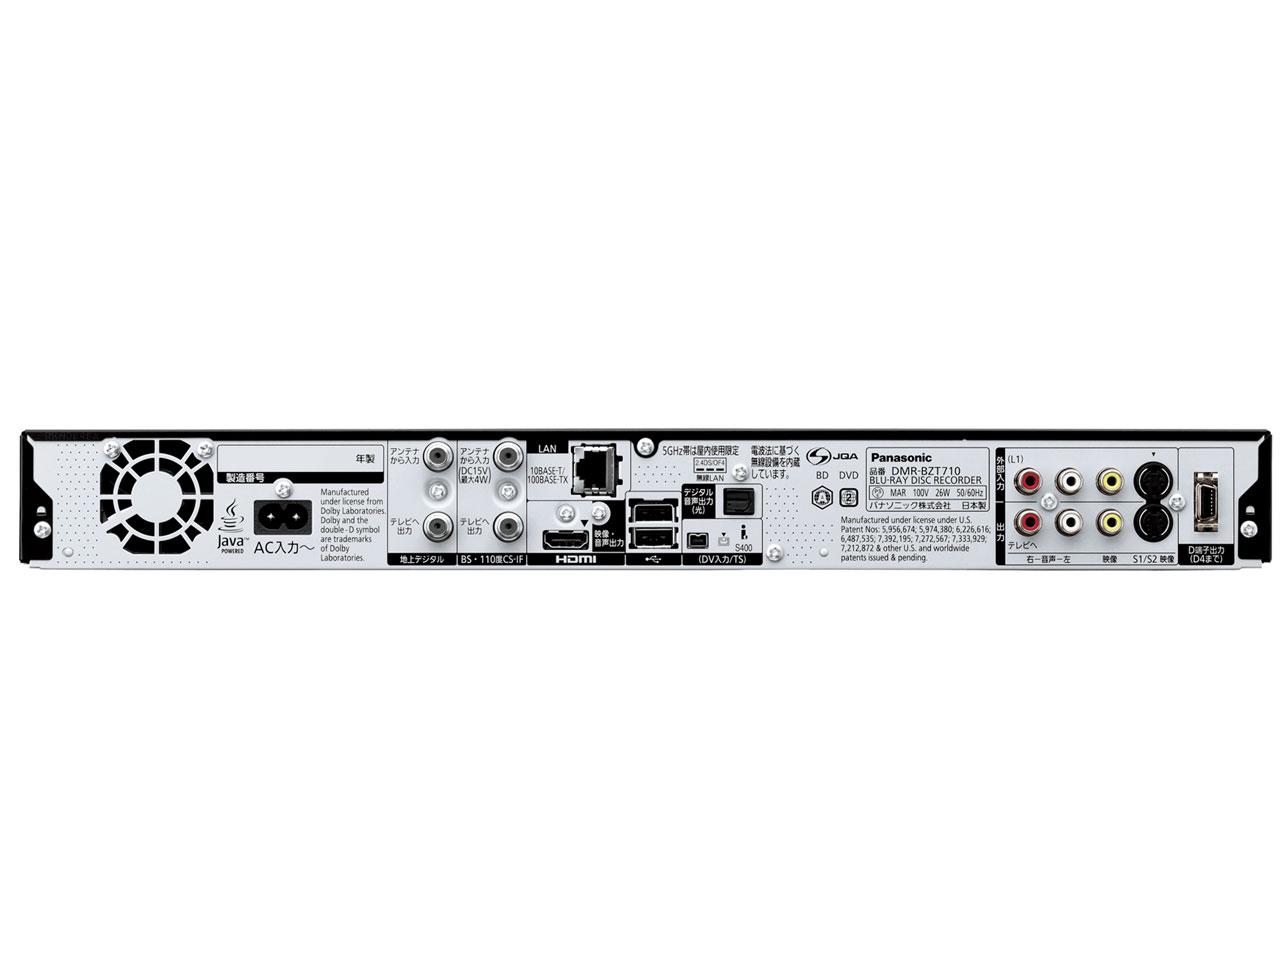 『本体 背面』 DIGA DMR-BZT710 の製品画像